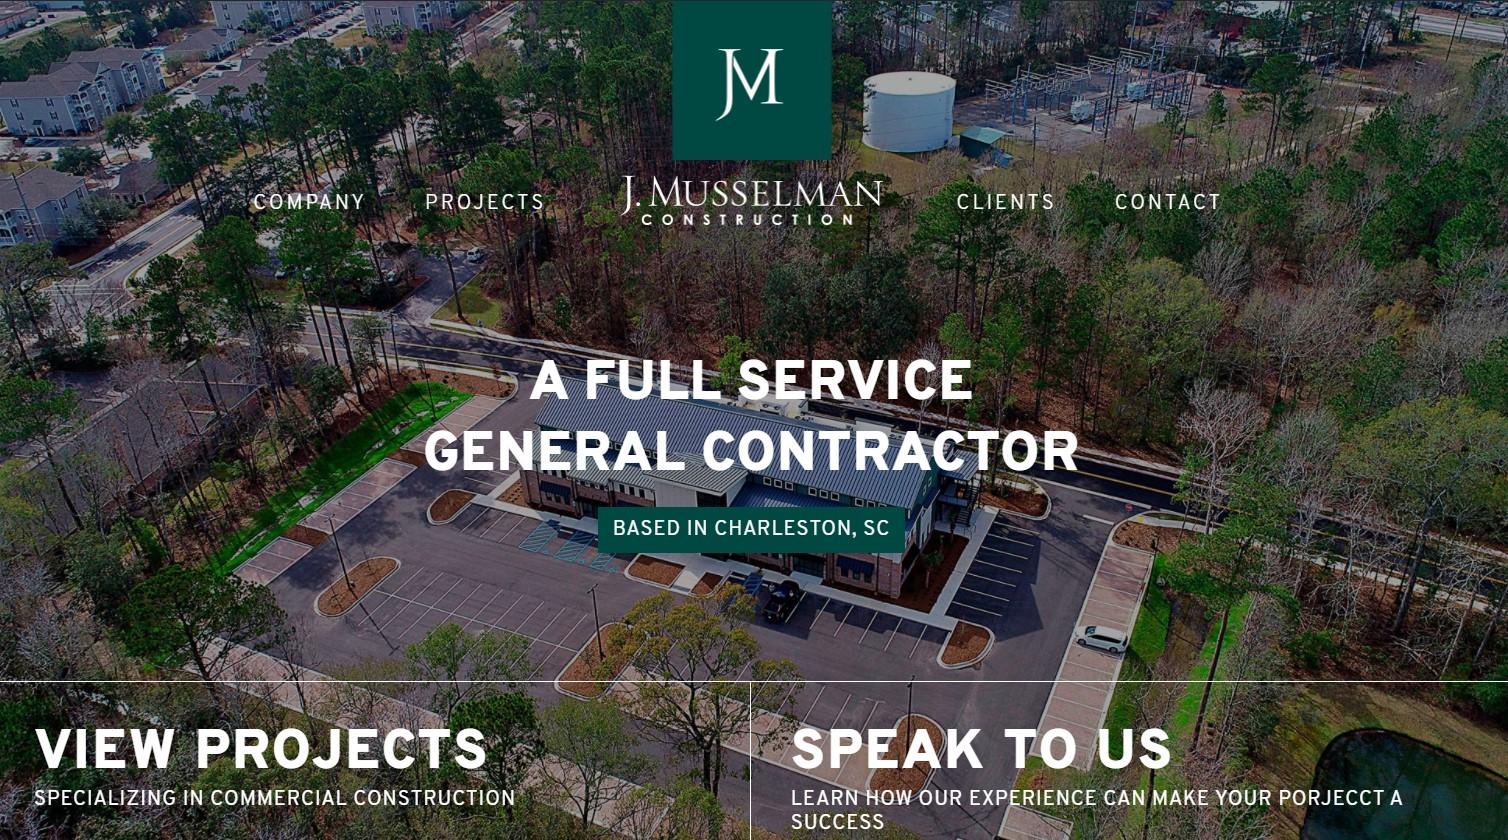 J. Musselman Construction Gets a New, Responsive Website